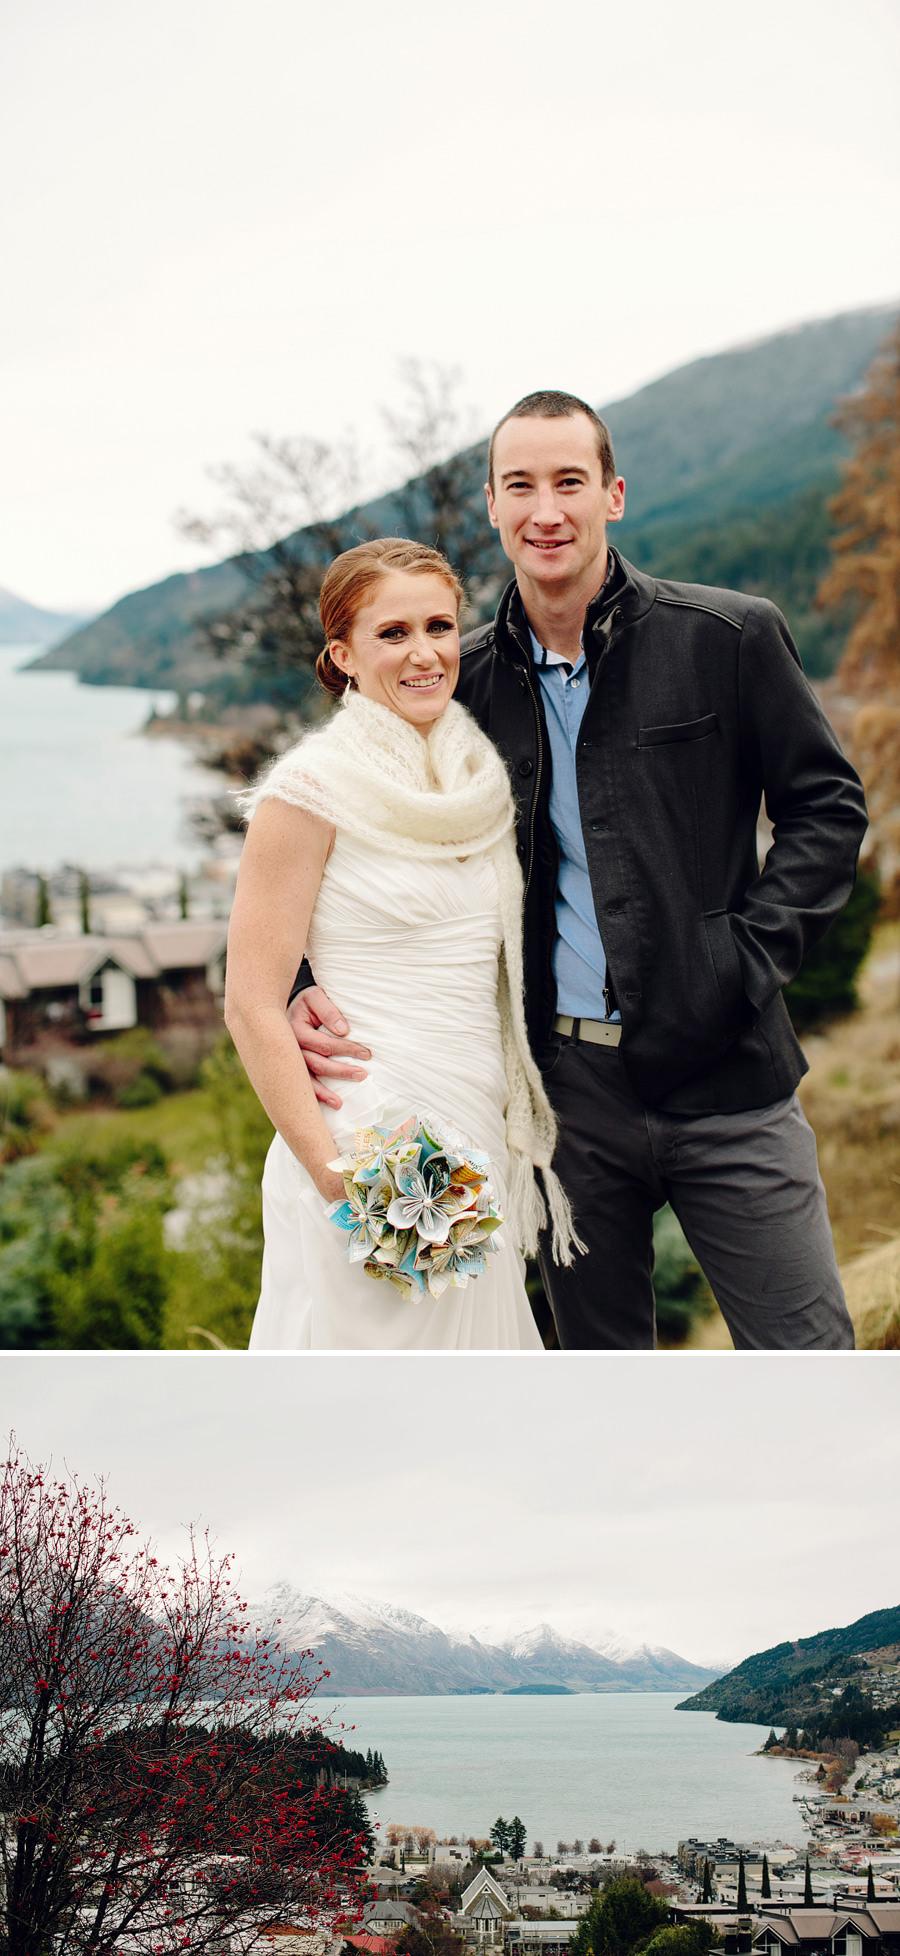 Queenstown Wedding Photographers: Bride & Groom portraits